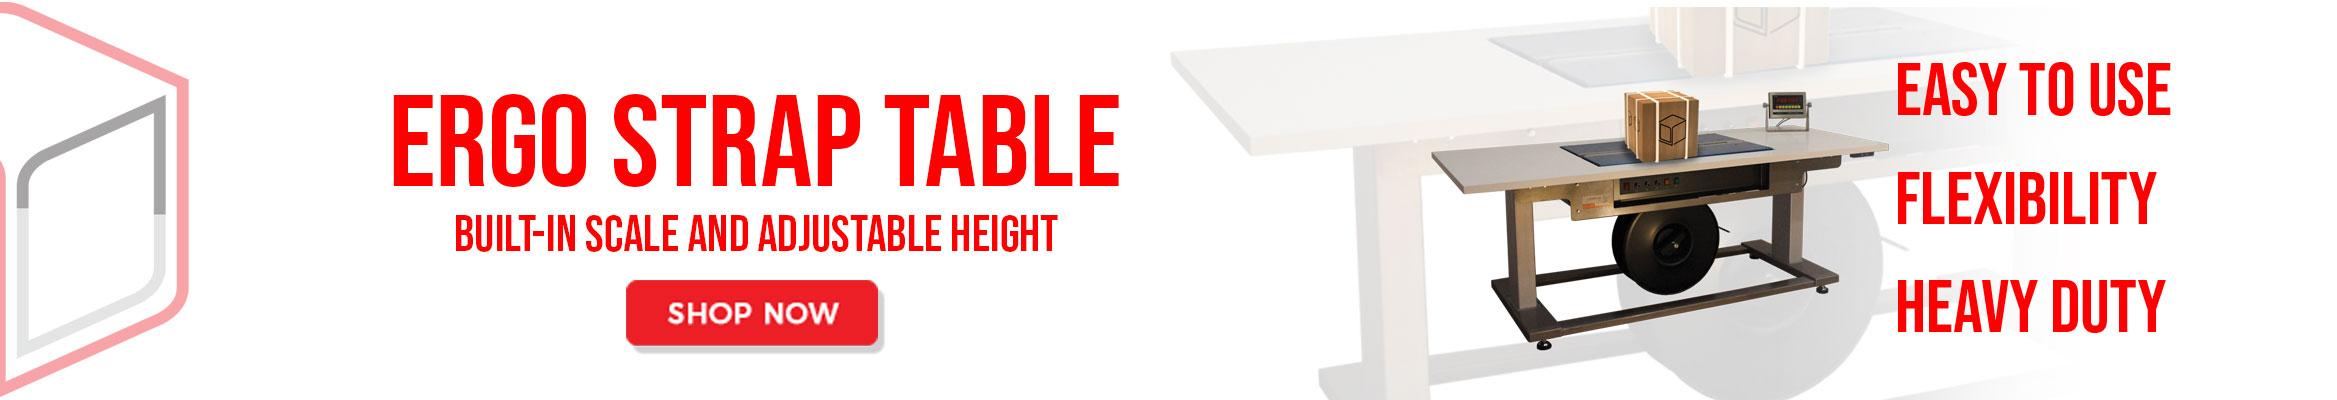 Ergo Strap Table - Pak i kasse, Vej og luk med Omsnøringsbånd - Alt i EN arbejdsgang - Spare tid og ryg da arbejds højden altid er den rigtige - Det giver glade medarbejdere